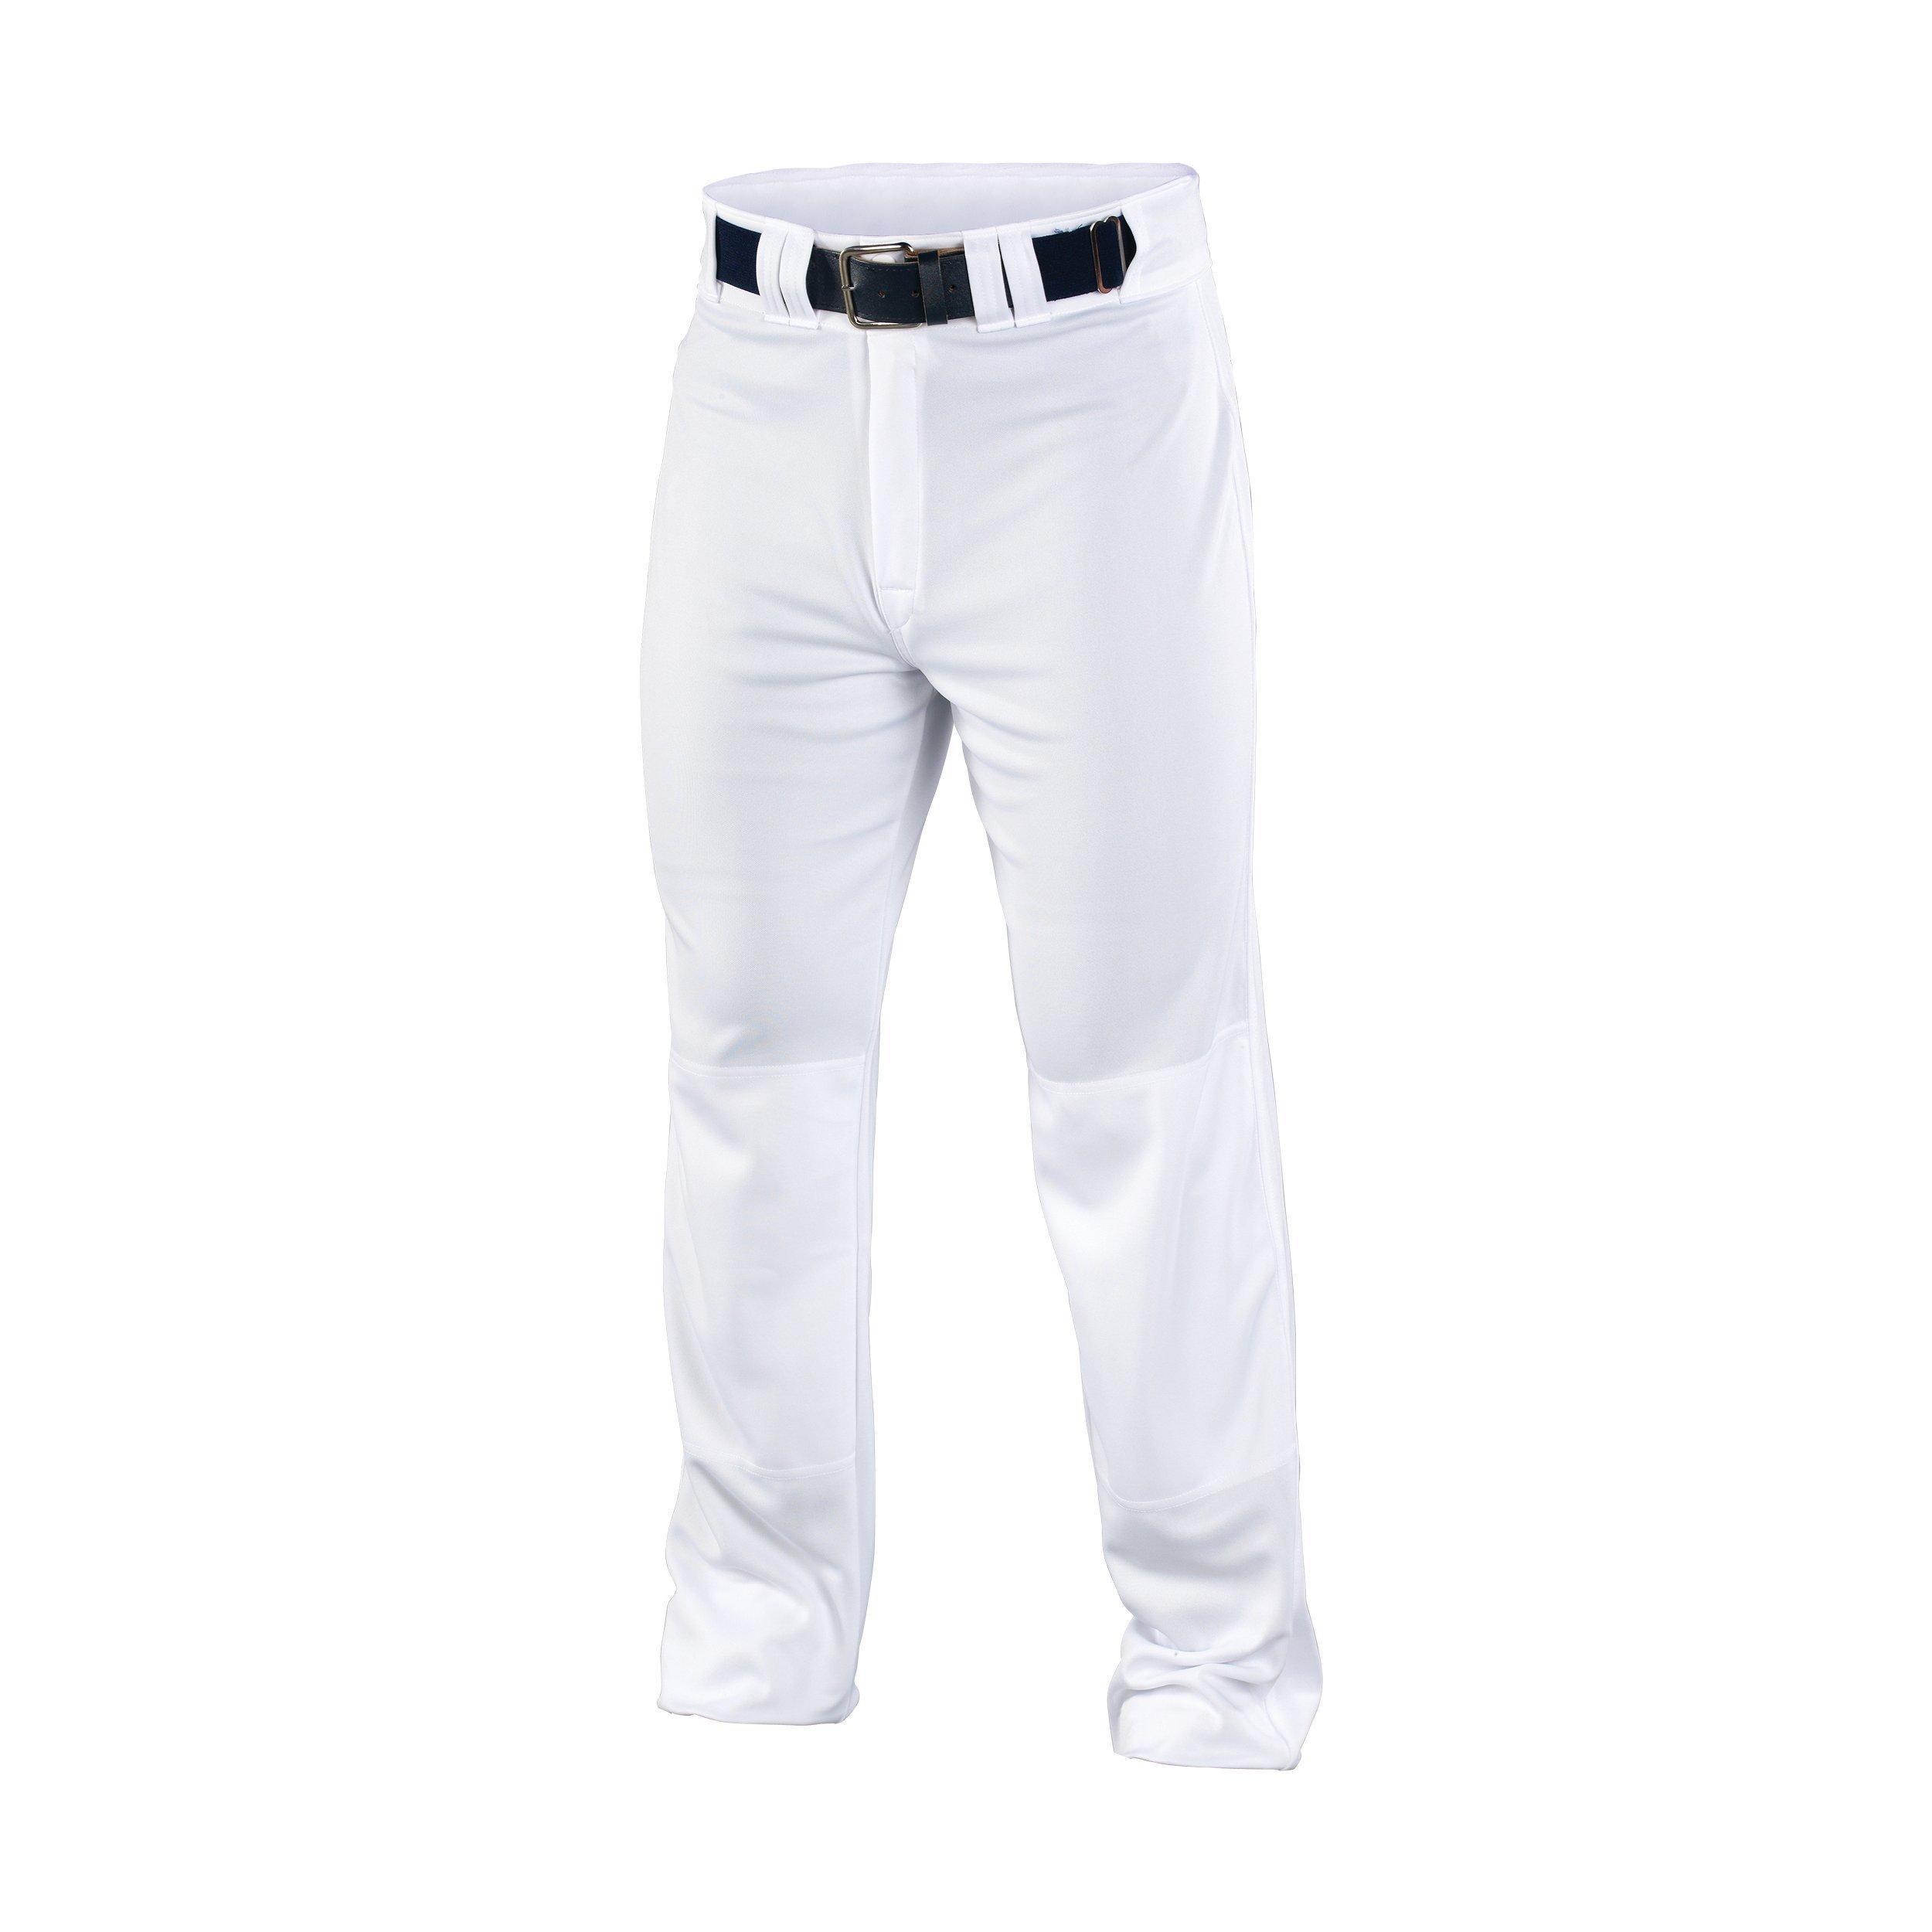 White gray black view size chart also rival pants easton rh